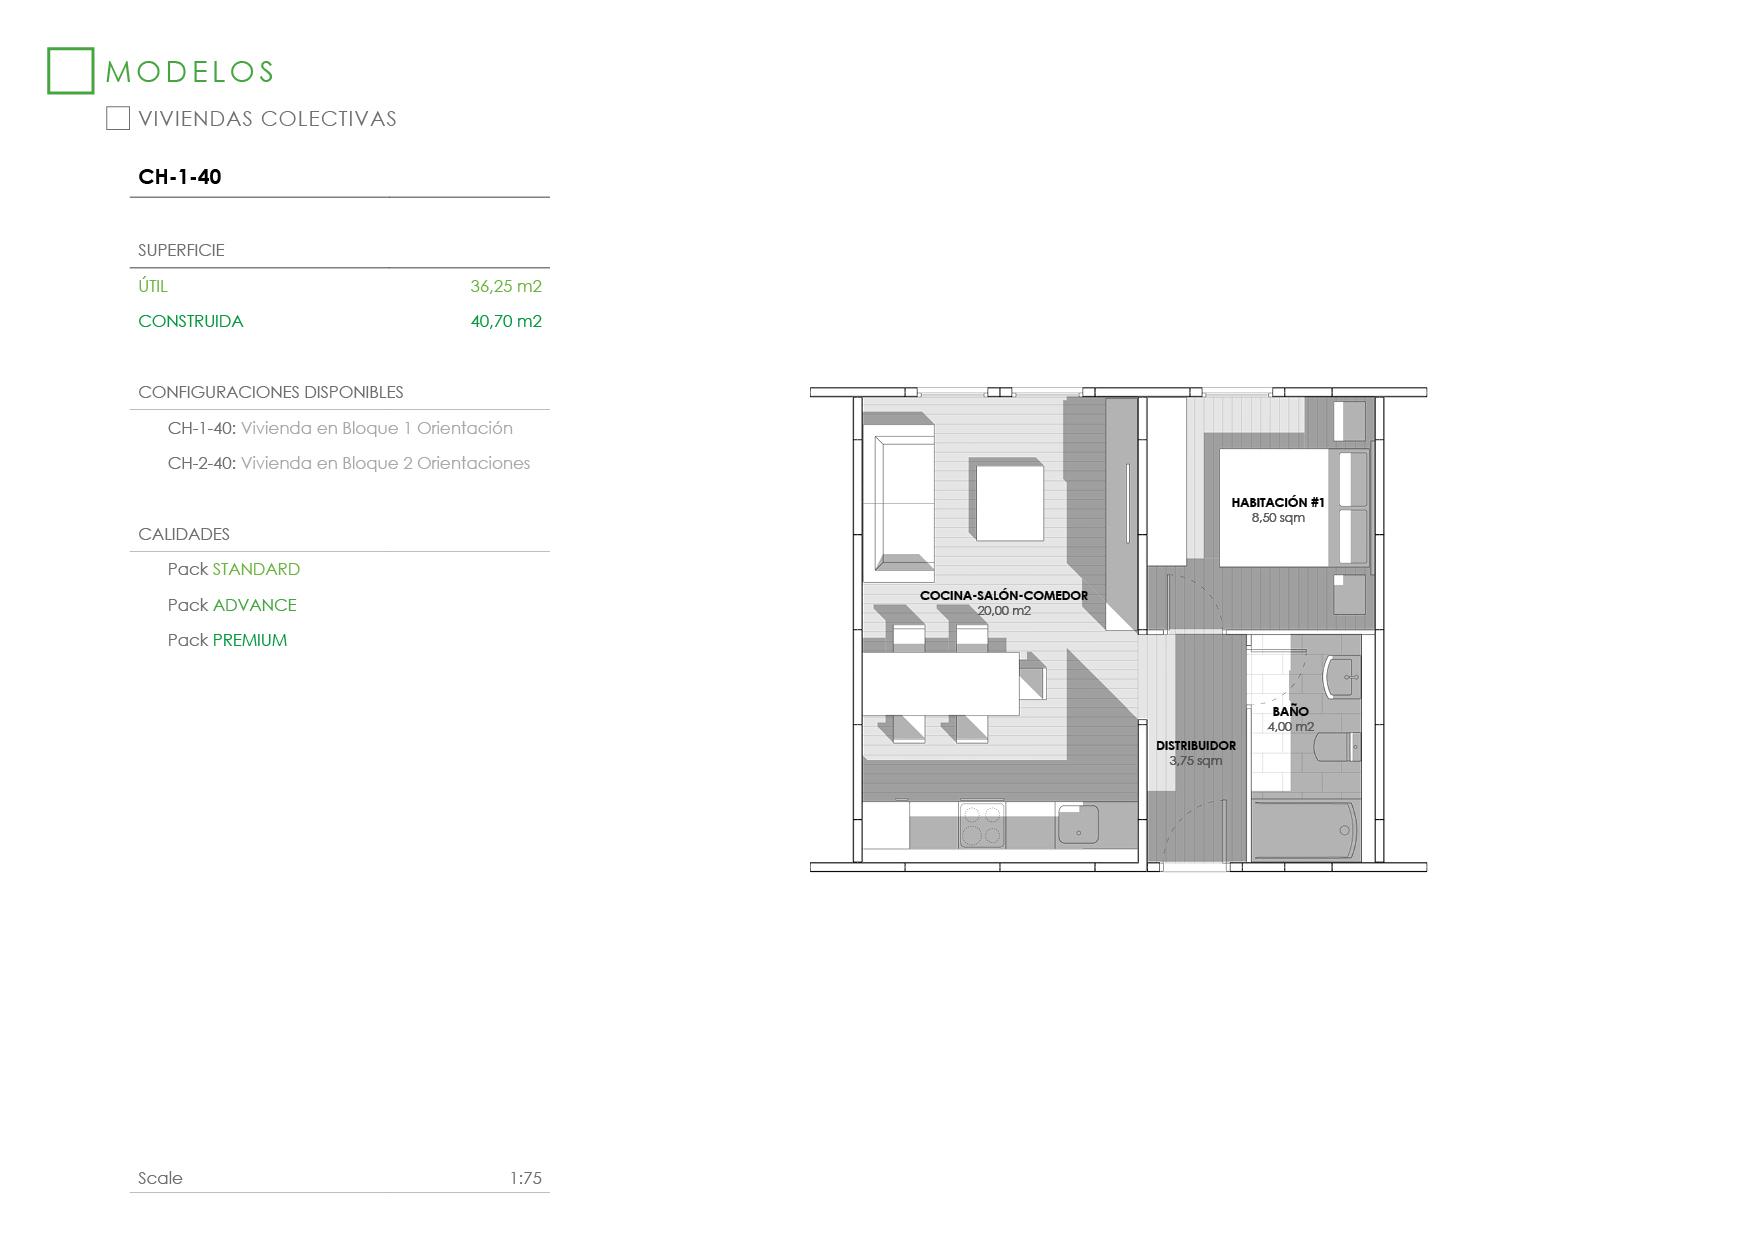 Apartamento Modular Cidark